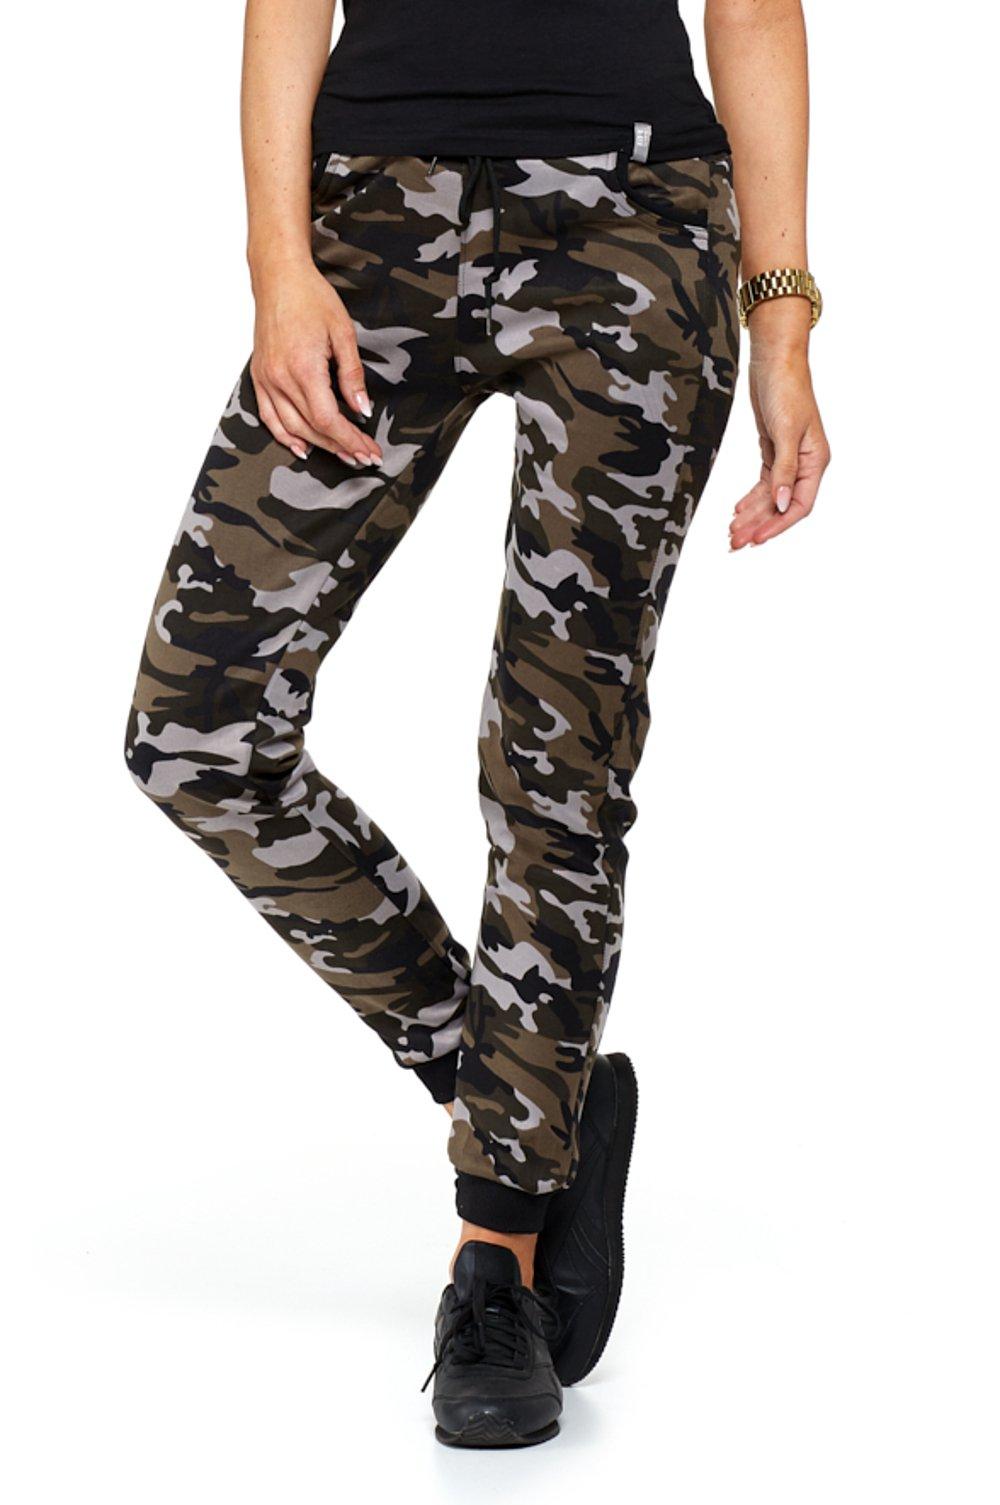 Spodnie damskie dresowe MORO elastyczne brąz ML